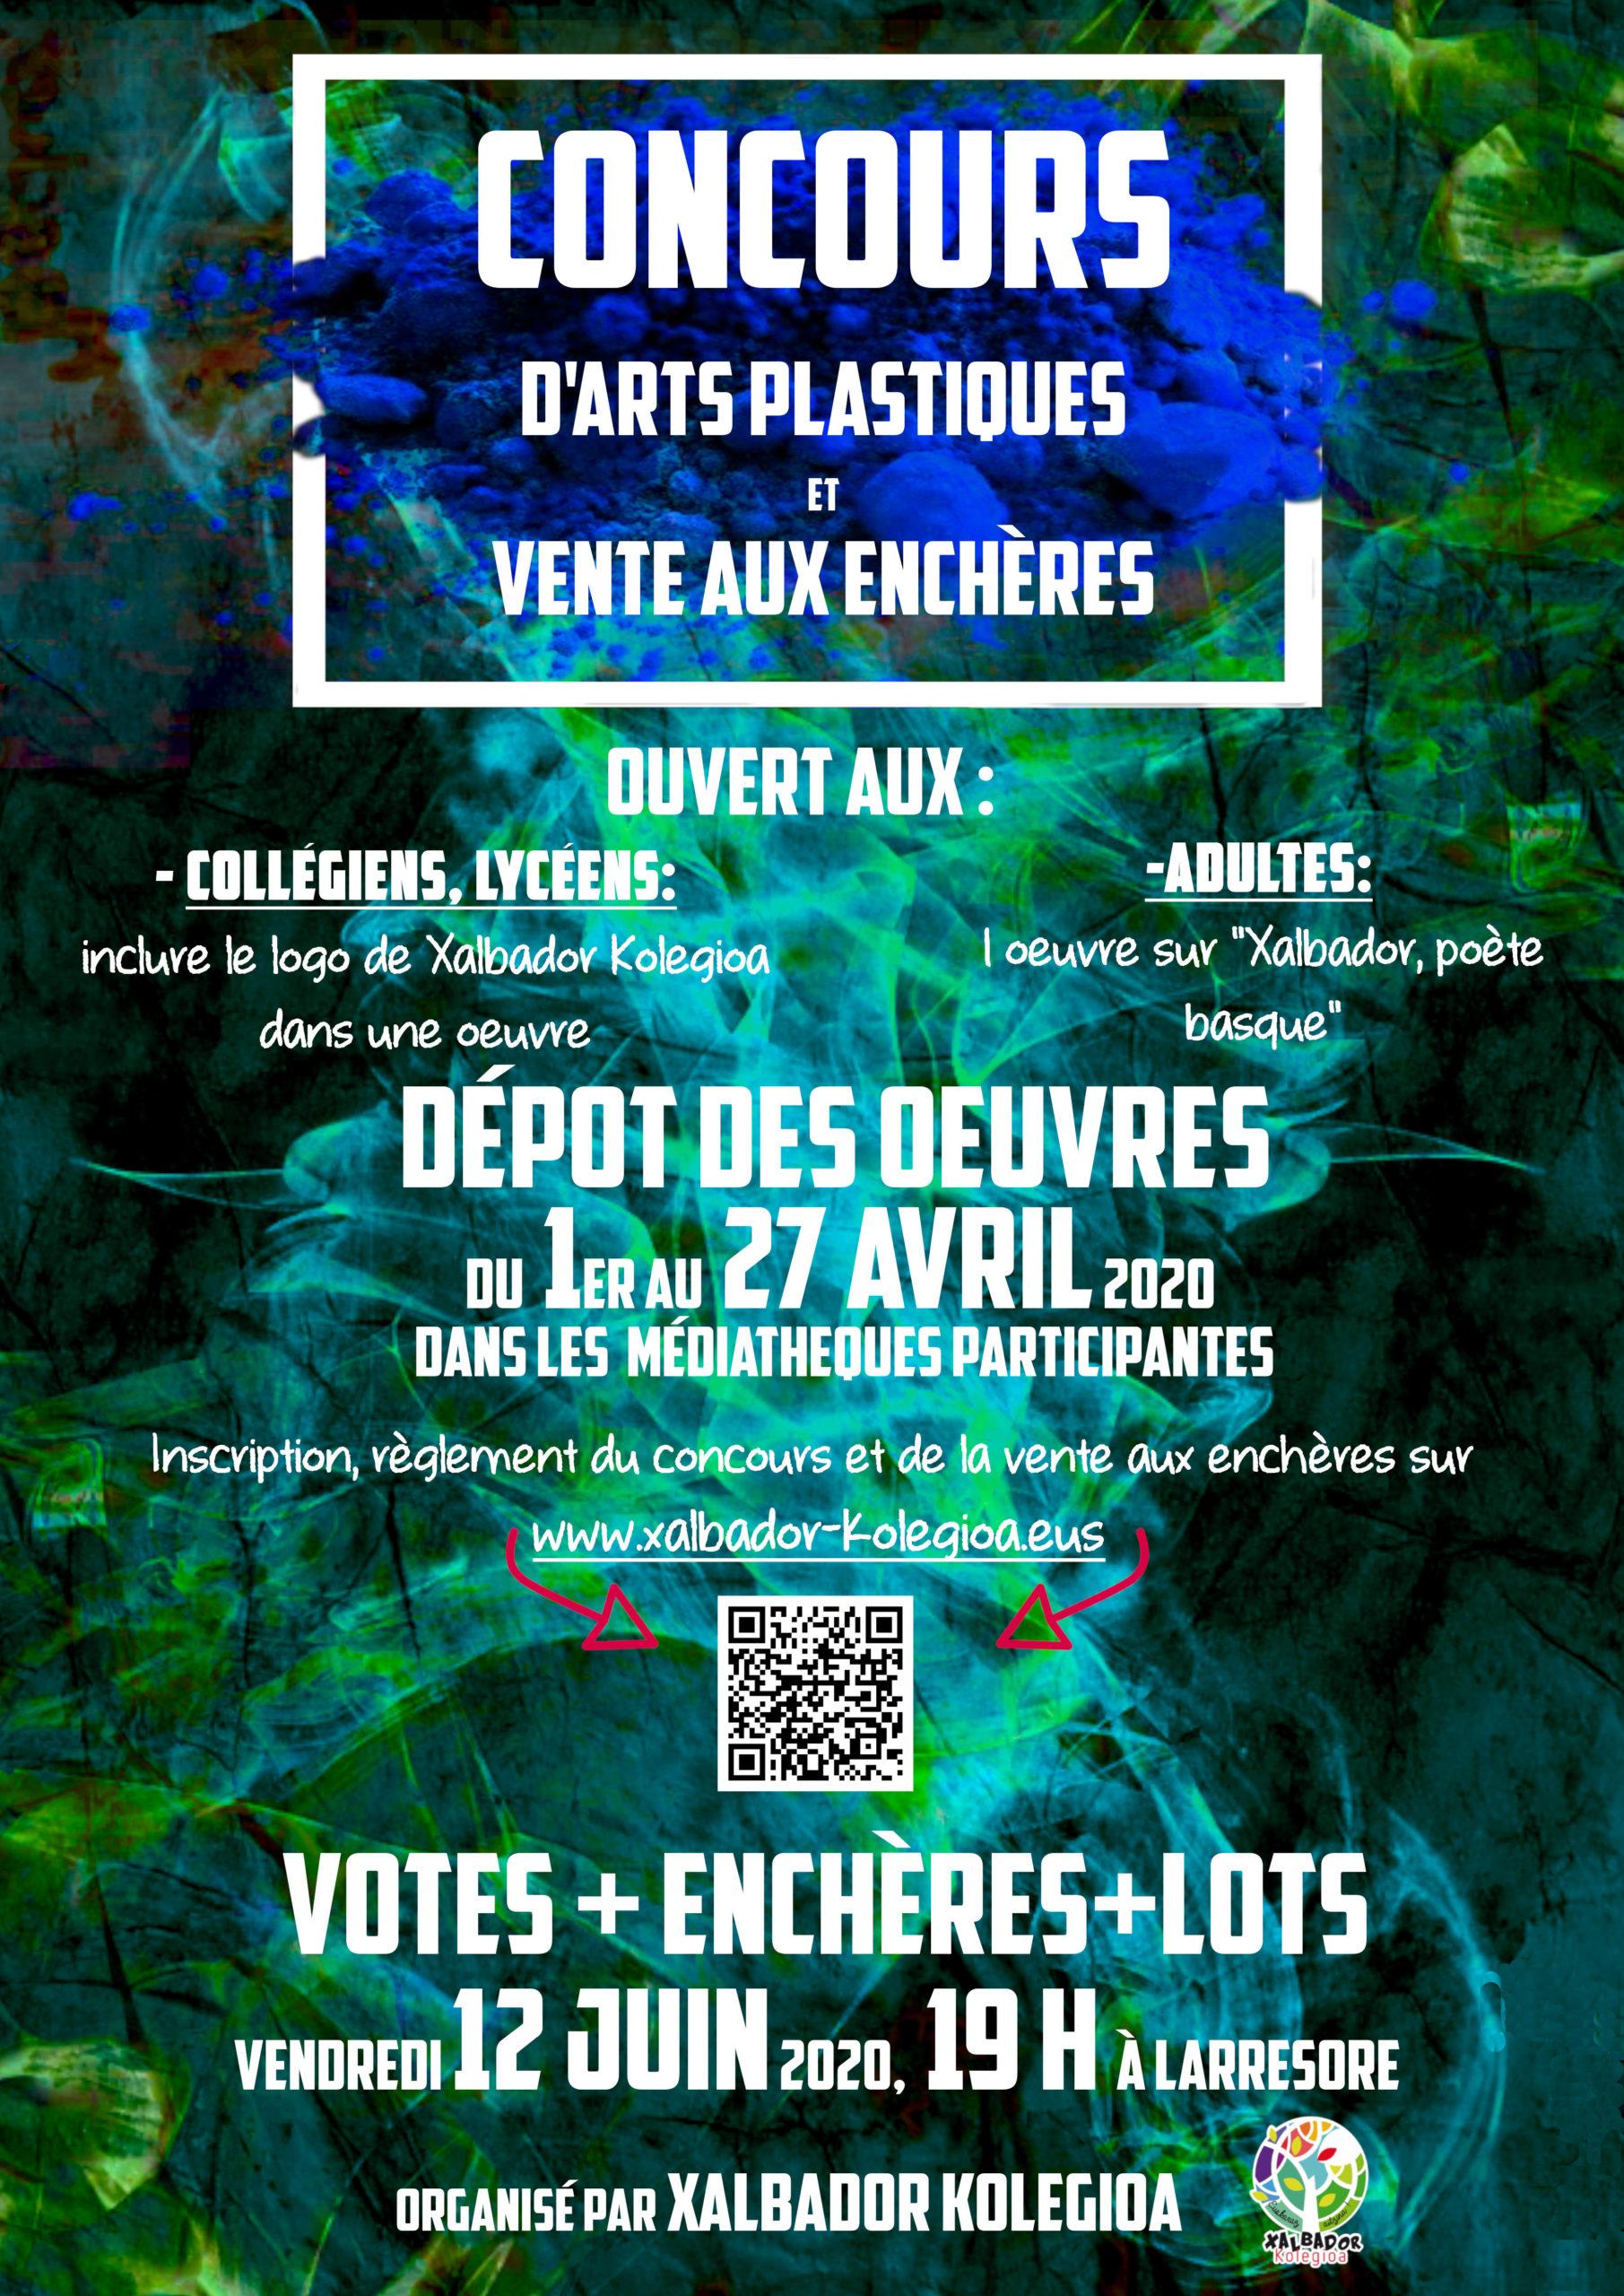 affiche enchere concours arts plastiques